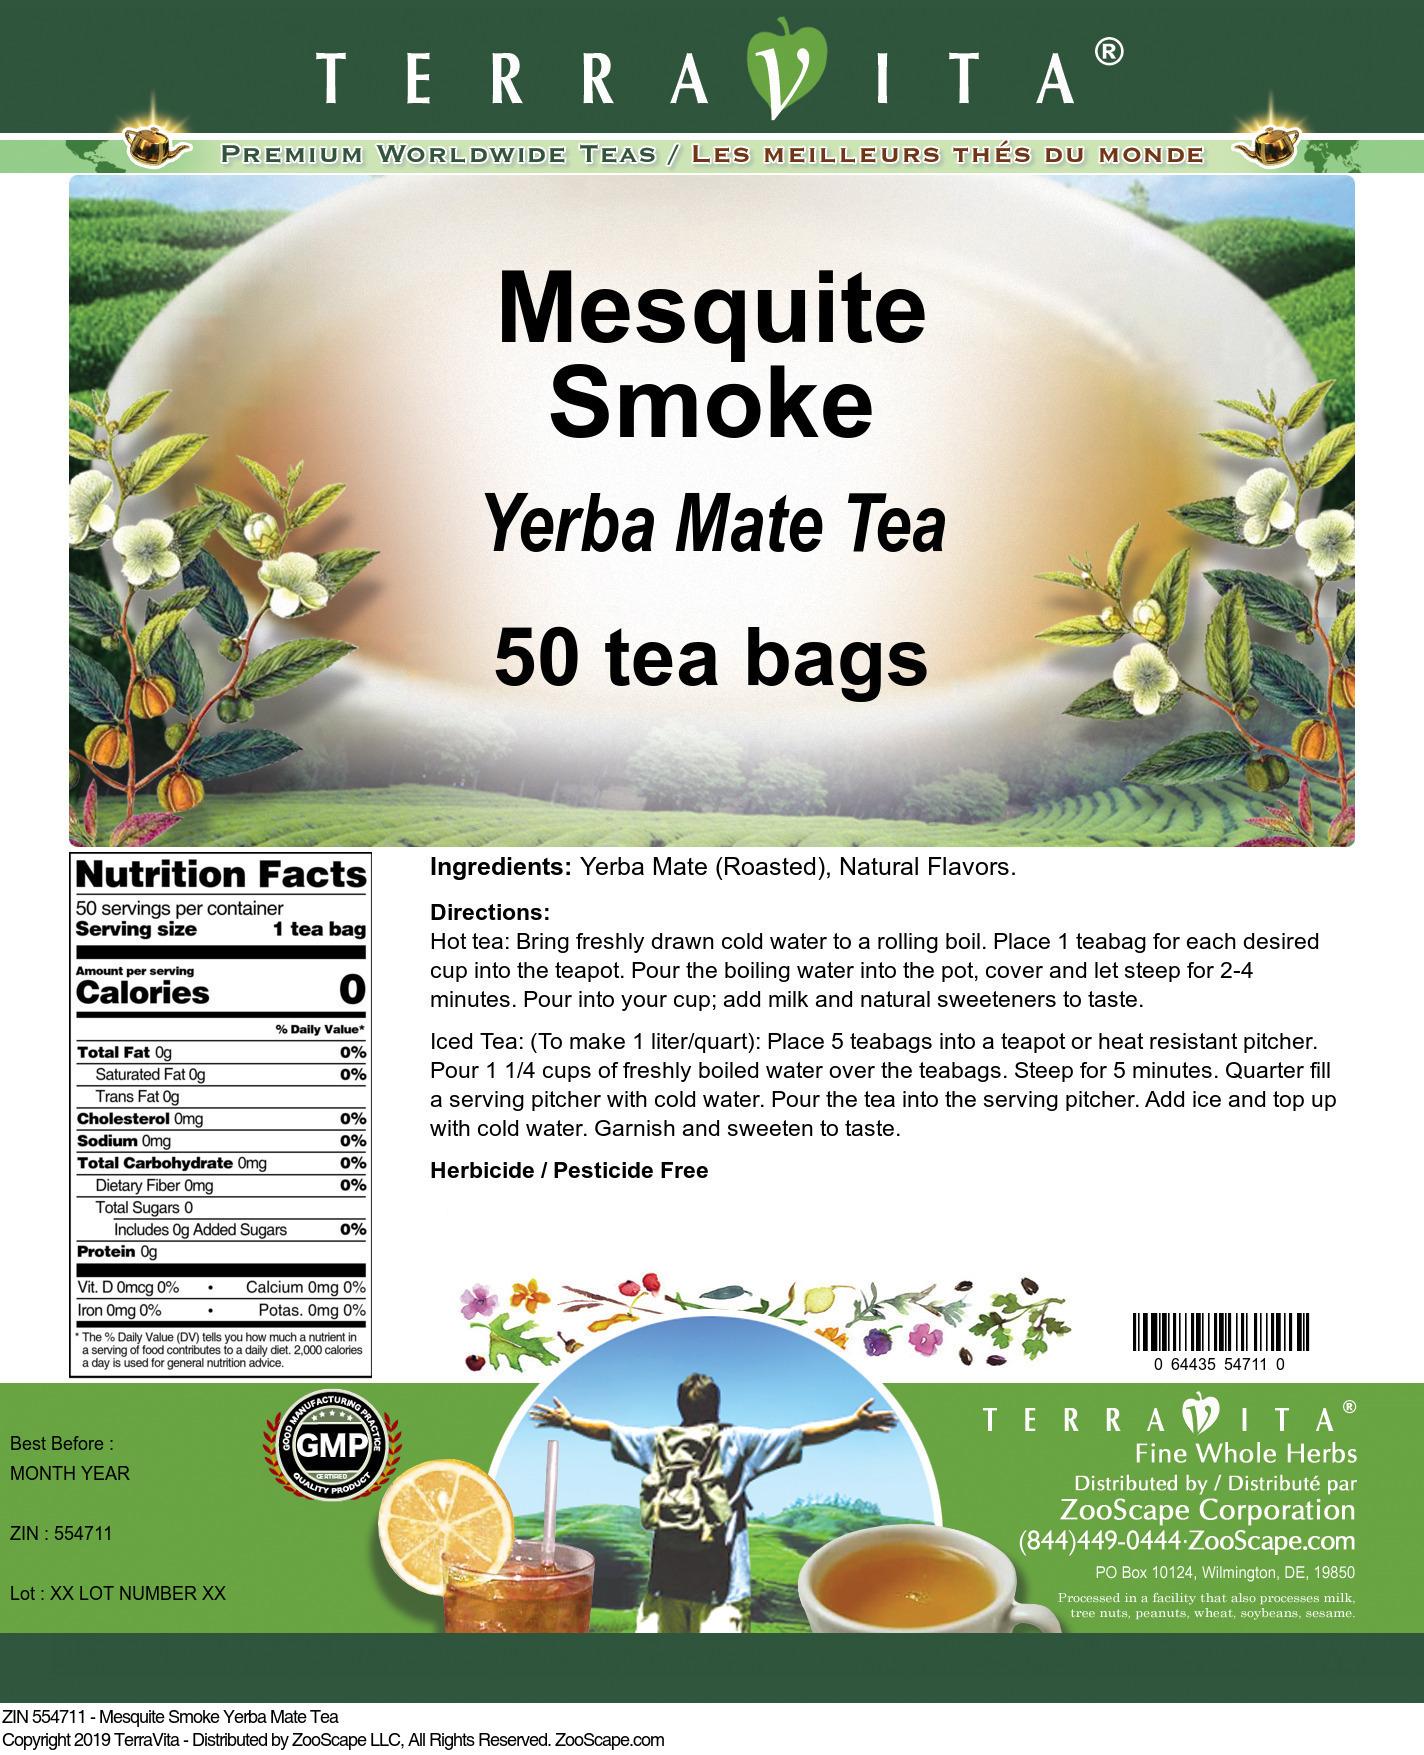 Mesquite Smoke Yerba Mate Tea